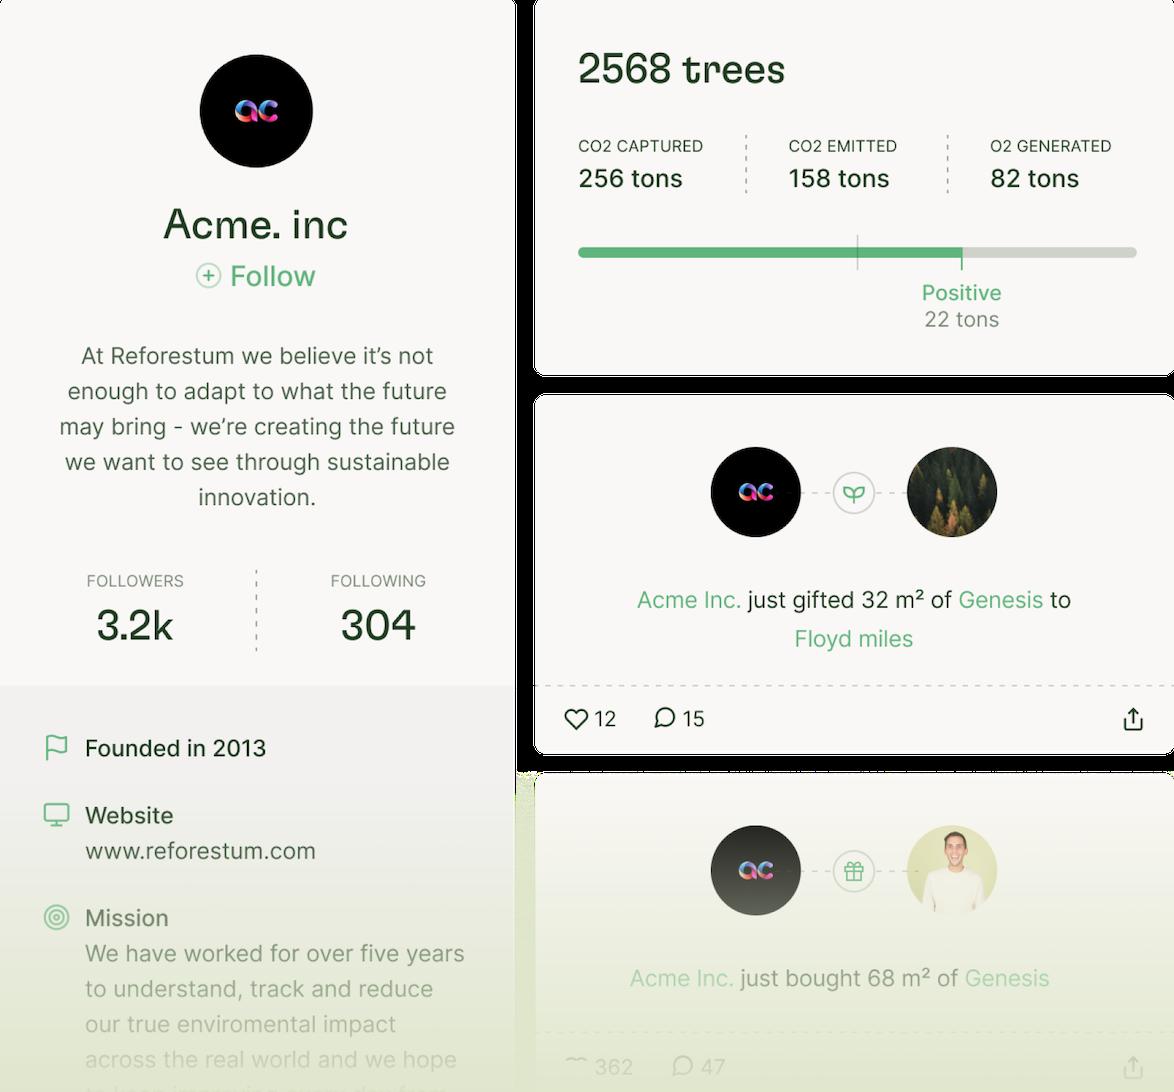 App Corporate profile